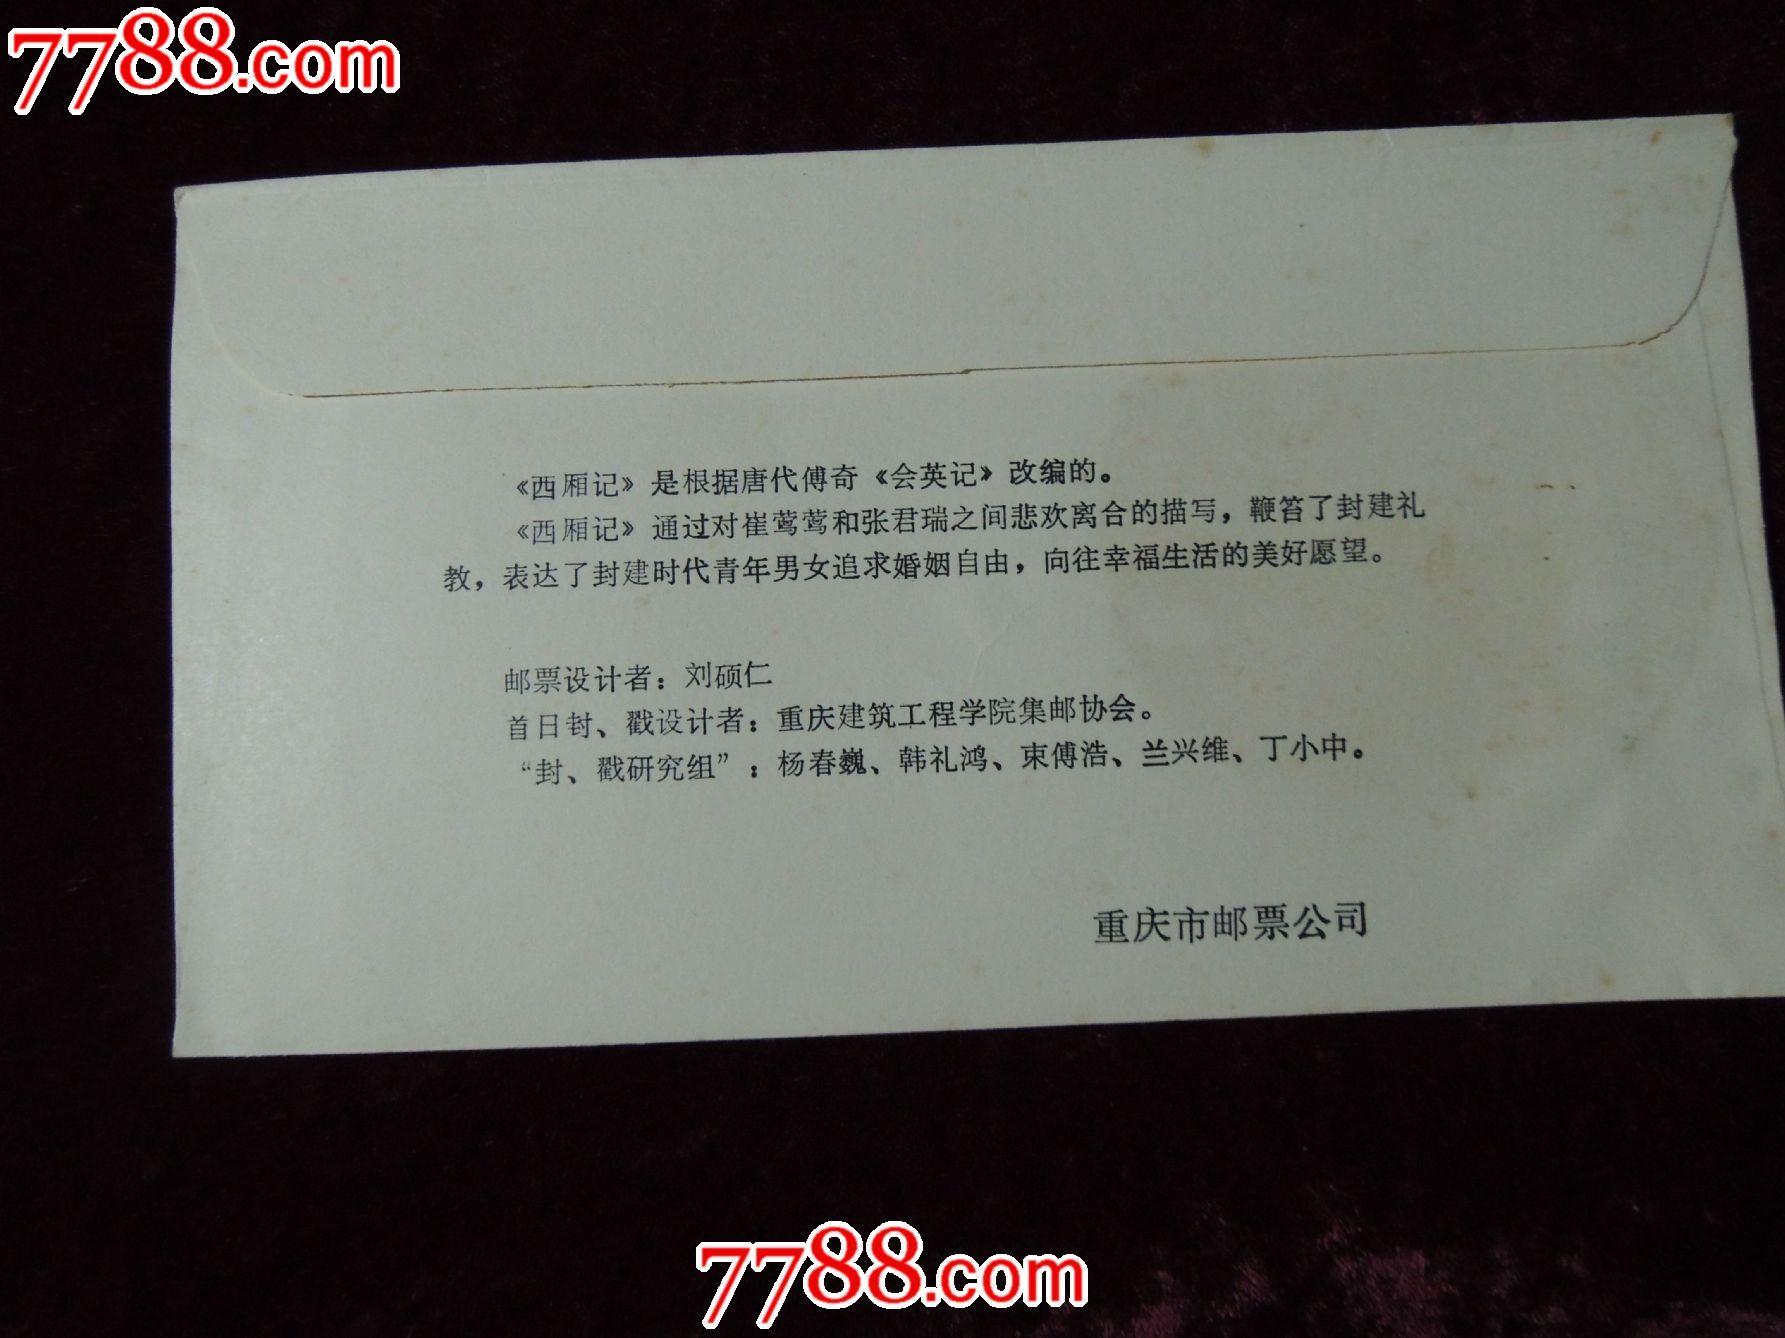 qq信封免费_免费qq信封_购买qq信封